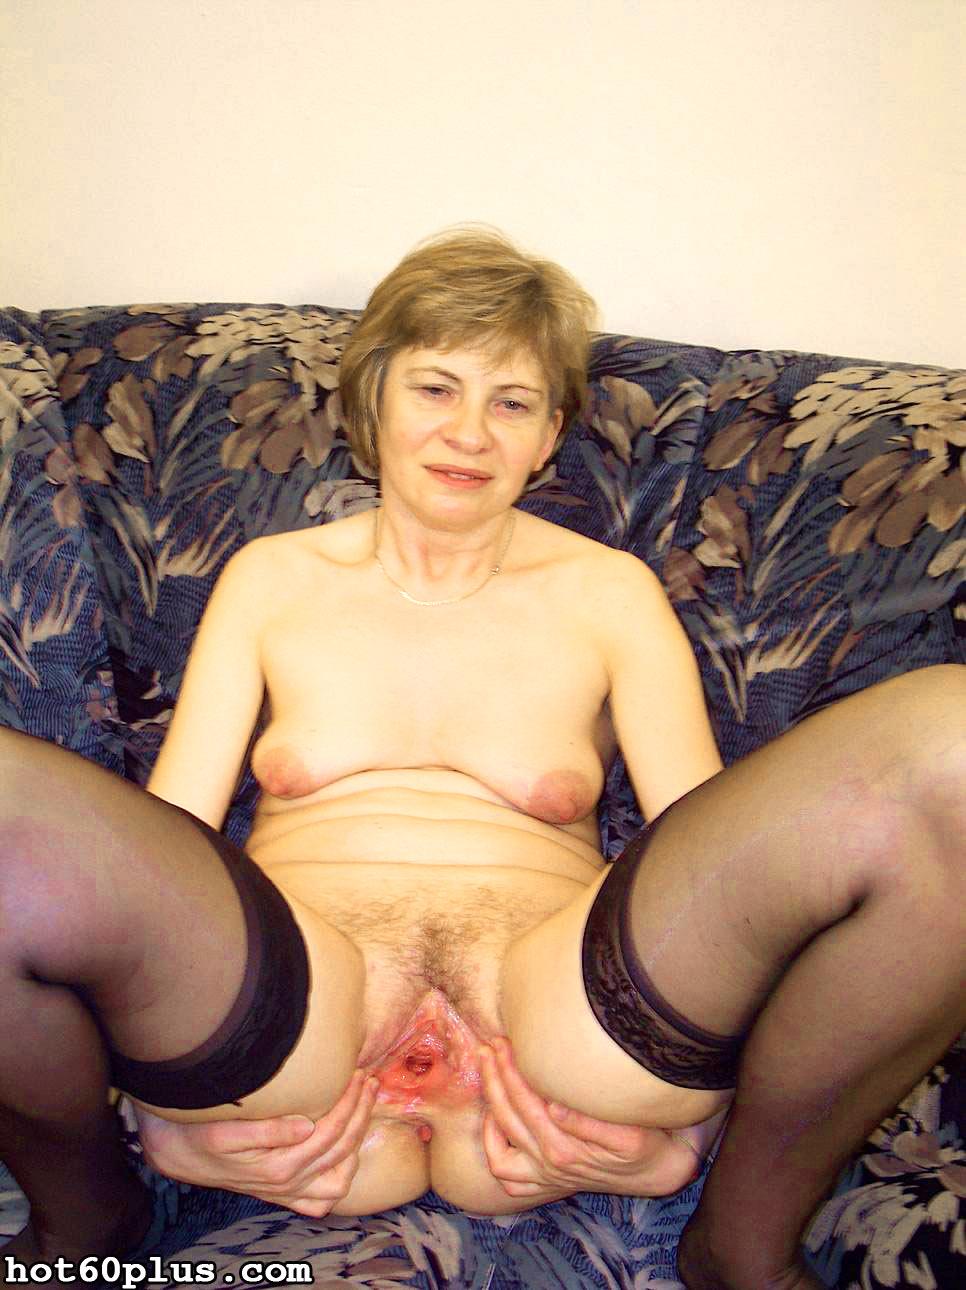 ХХХ фотки про трах с мамой на диване. Фото - 3